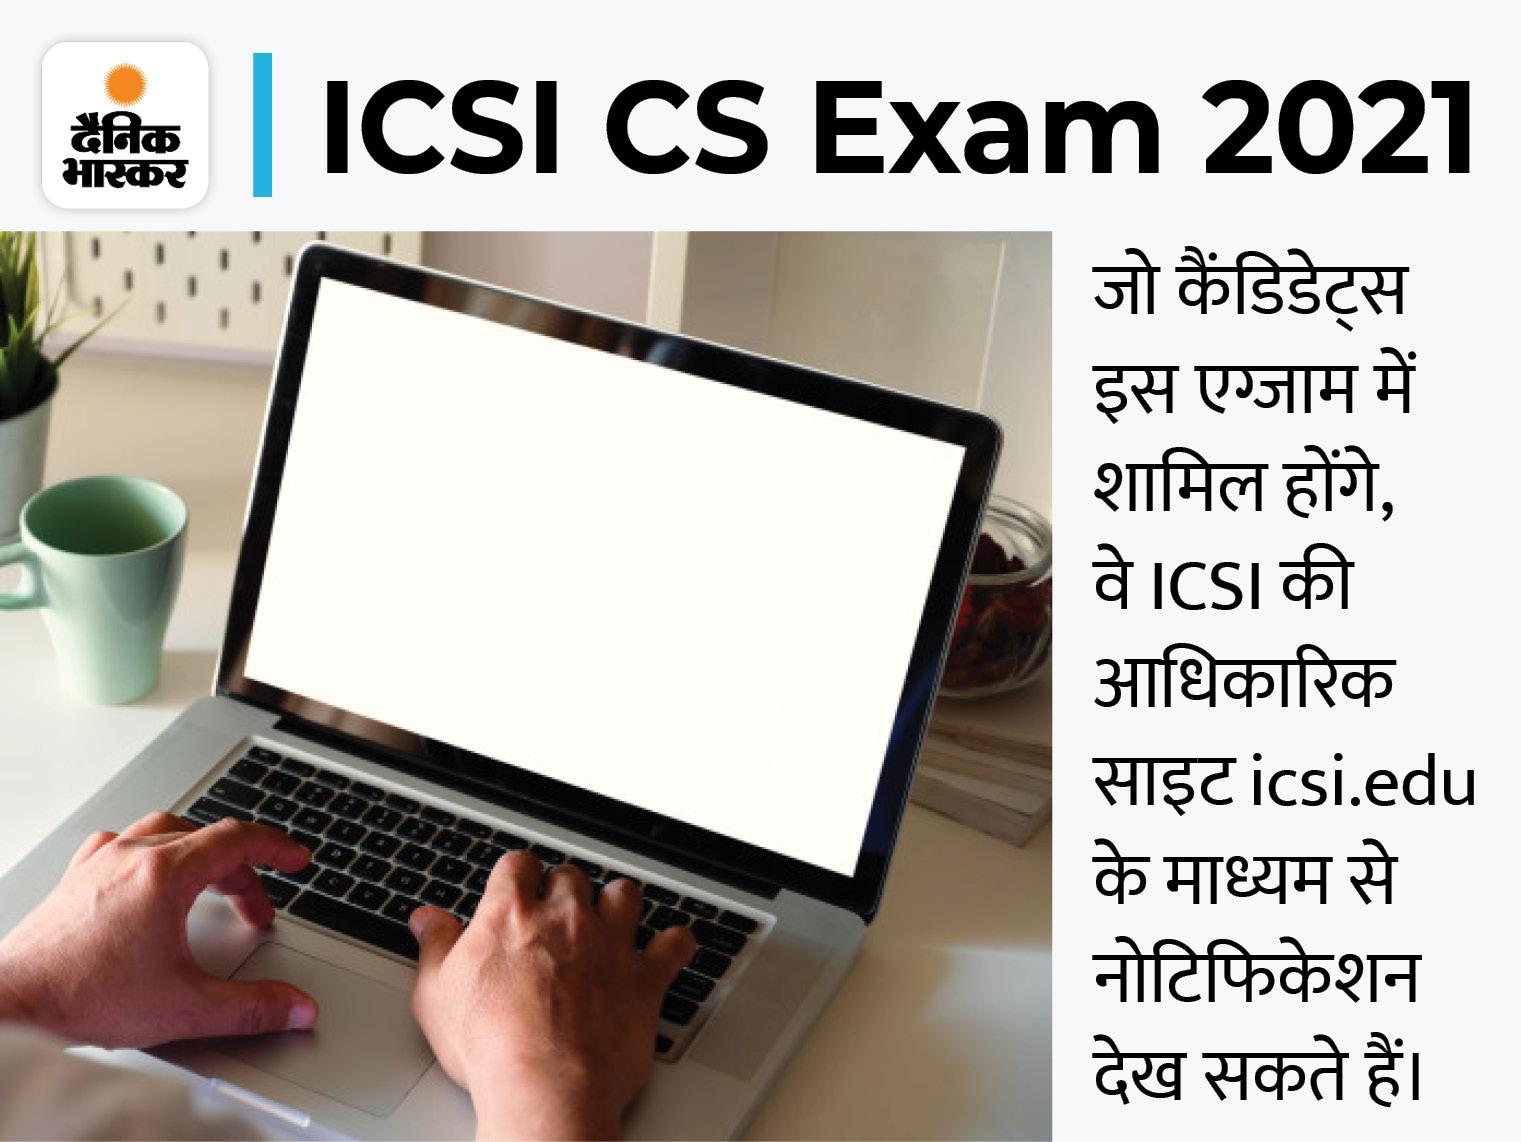 कंपनी सेक्रेटरी फाउंडेशन परीक्षा 2021 का टाइमटेबल जारी, दोनों दिन 4 शिफ्ट में होगा परीक्षाओं का आयोजन|करिअर,Career - Dainik Bhaskar